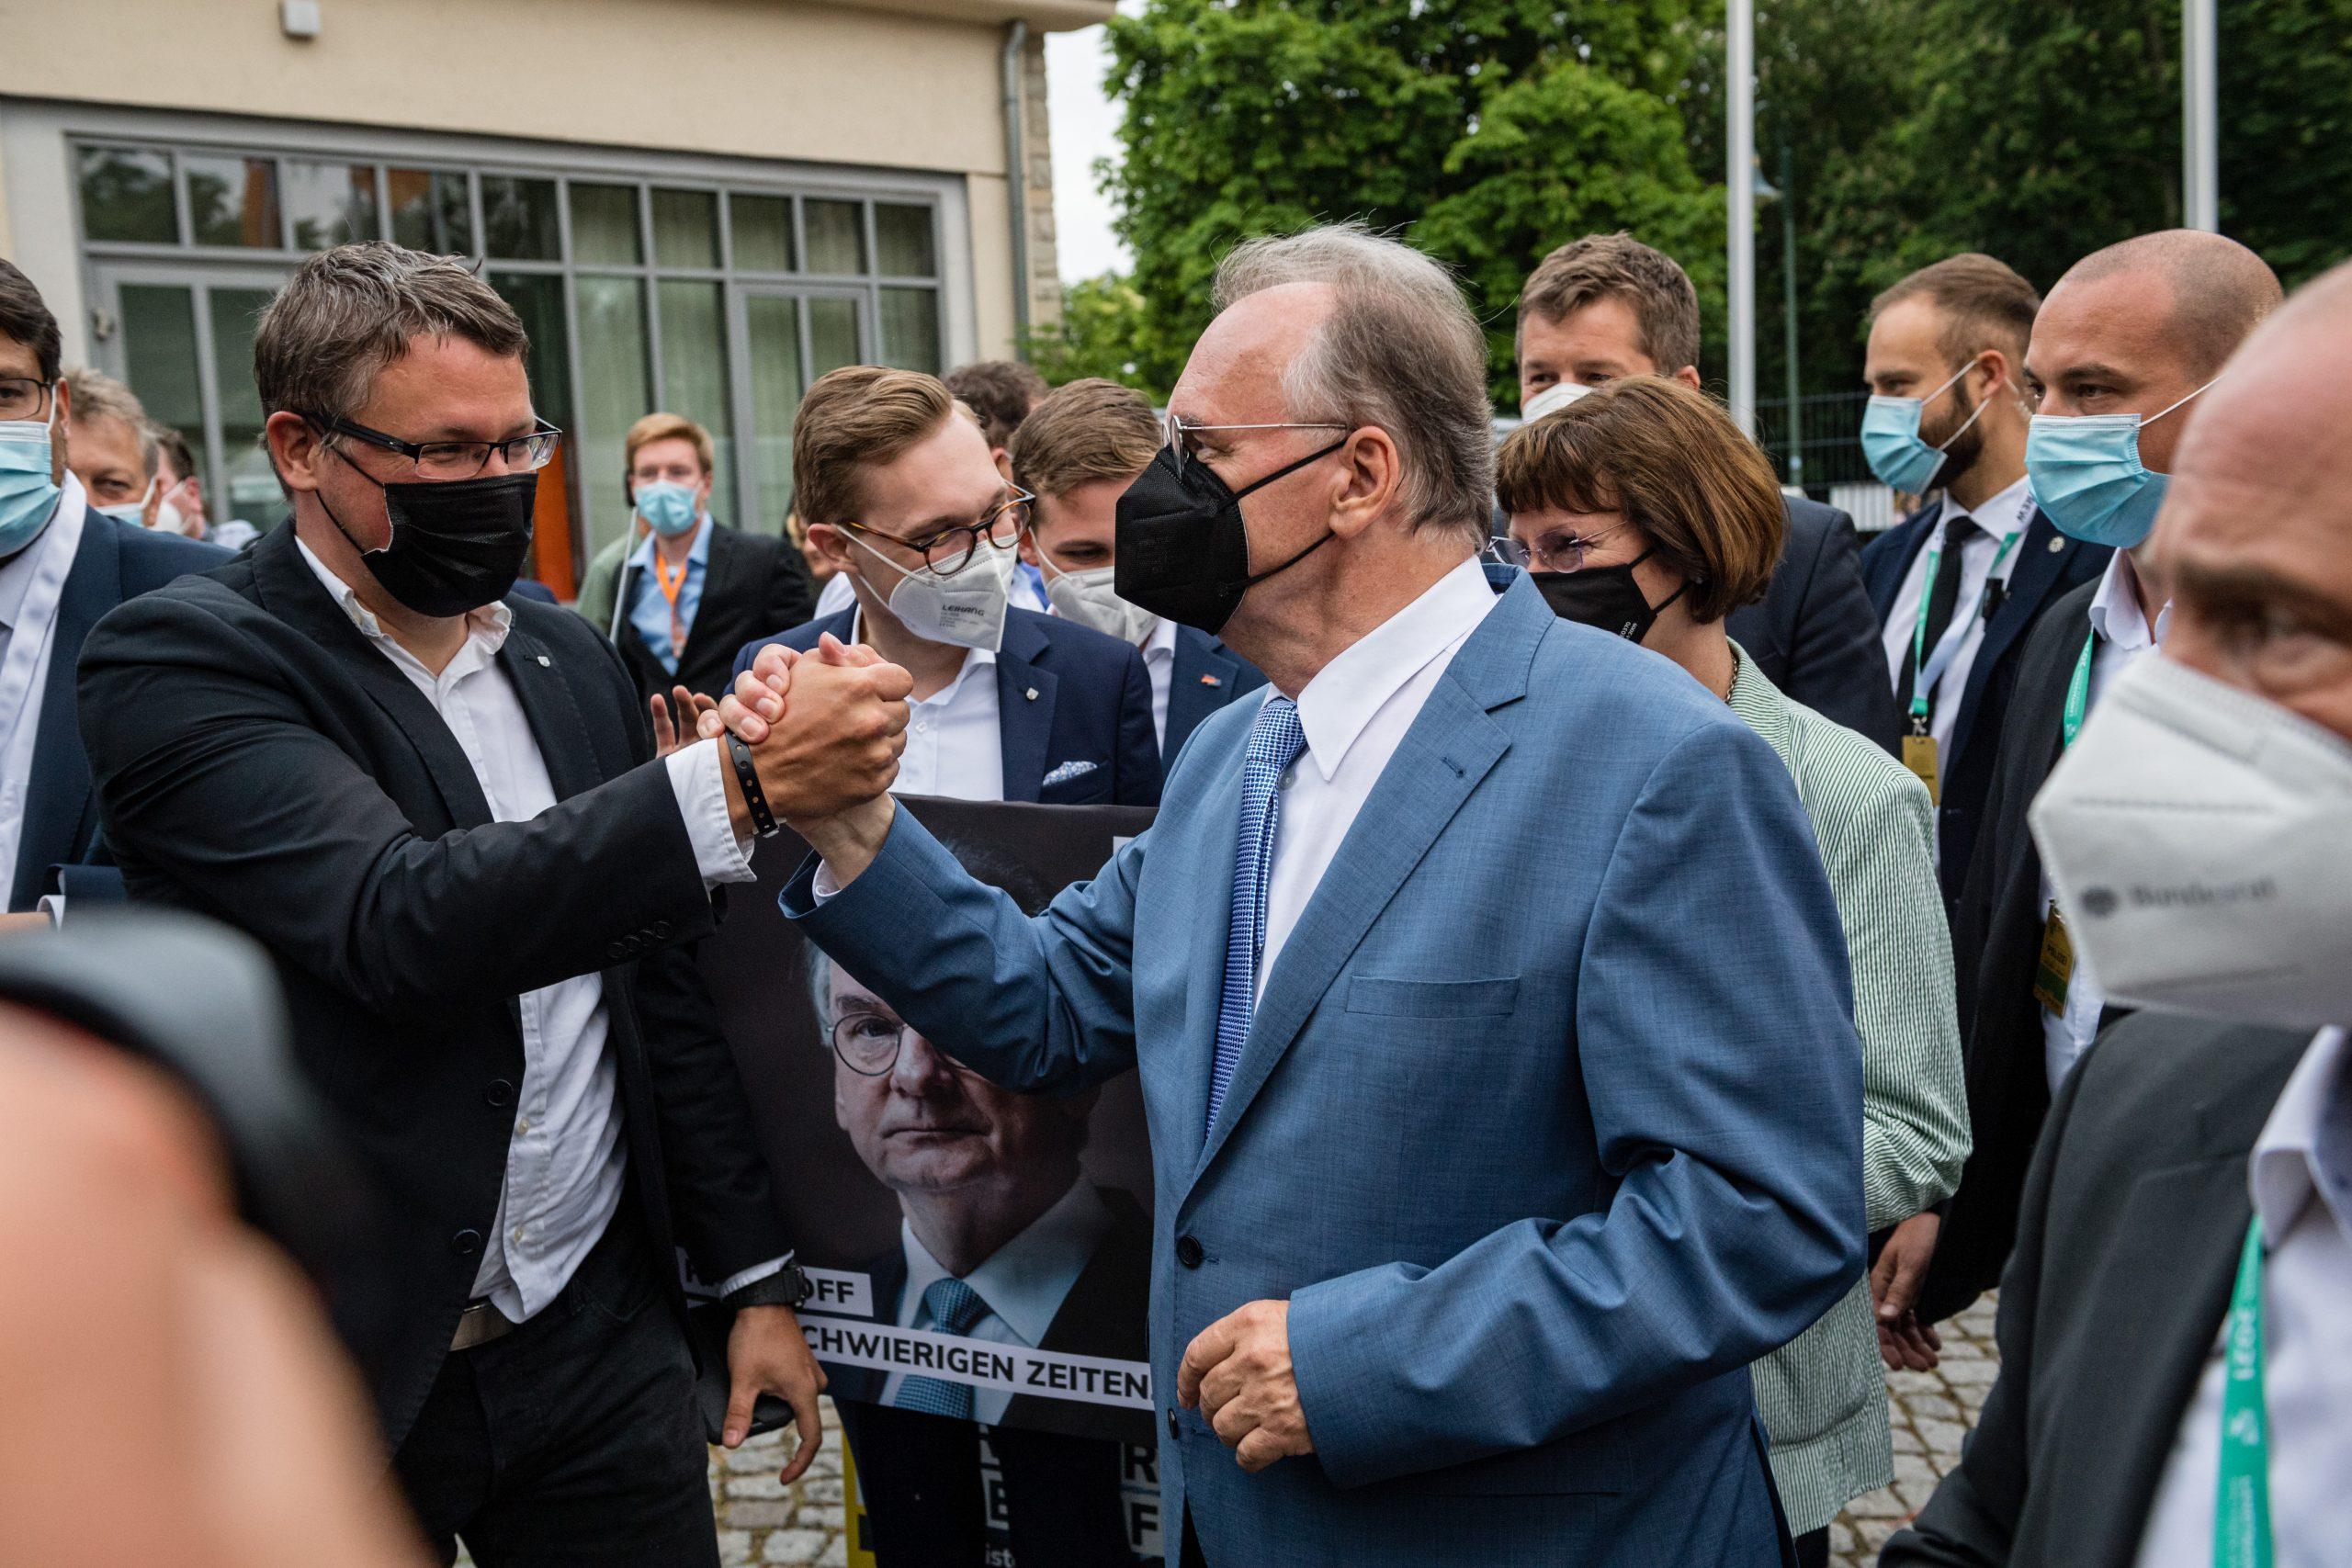 Sachsen-Anhalt: Triumph für Haseloff – Grüne könnten aus Regierung fliegen